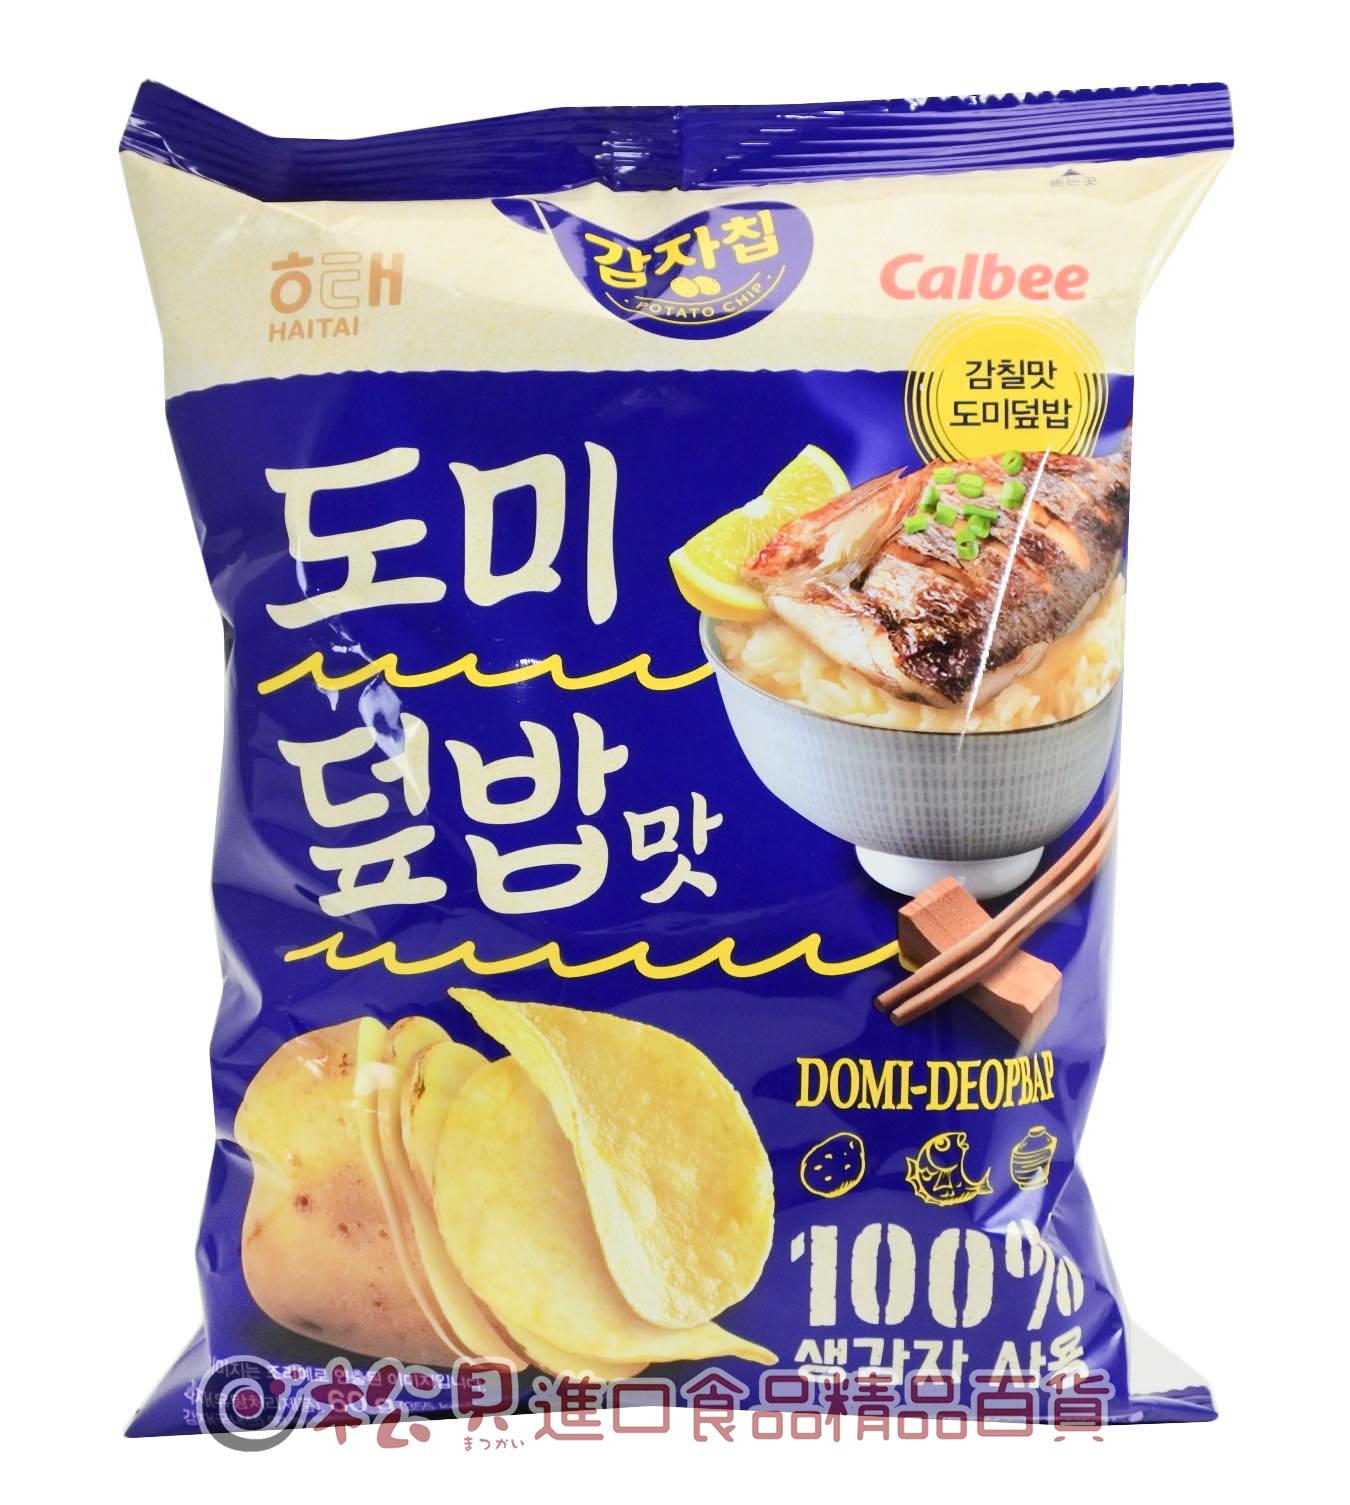 海太雕魚蓋飯洋芋片60g【8801019608803】